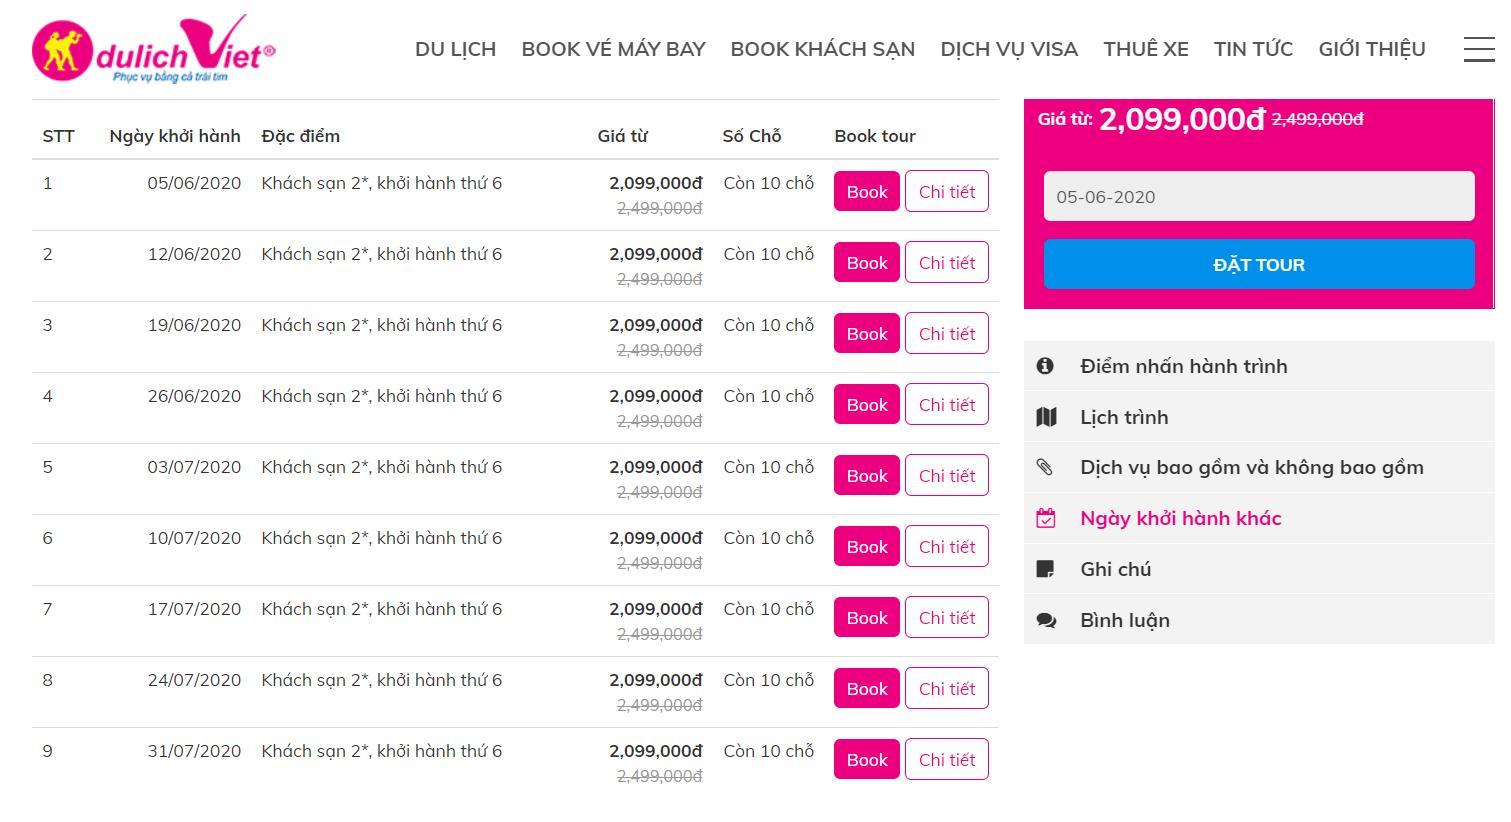 Hàng loạt đơn vị lữ hành thiết kế gói tour du lịch Đà Lạt 3 ngày 2 đêm giá rẻ trong dịp hè, tour chỉ từ 1,5 triệu đồng - Ảnh 3.